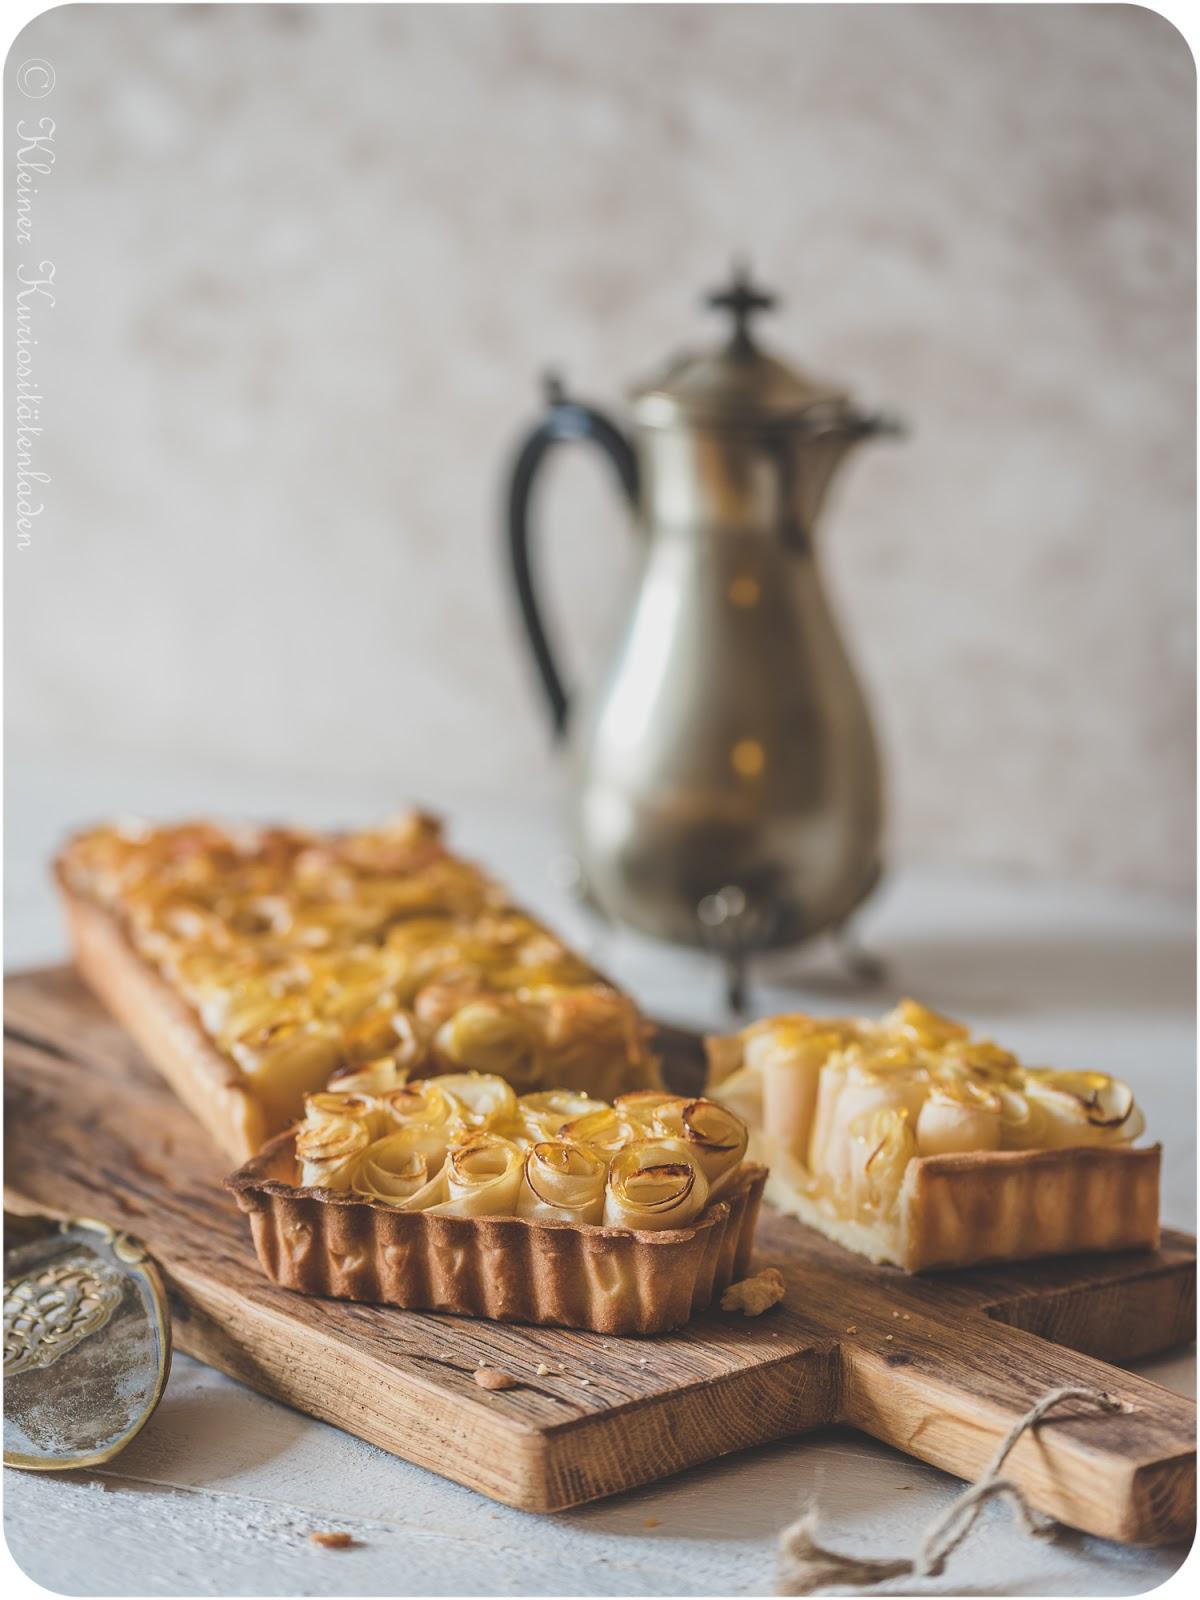 Kleiner Kuriositätenladen: Tarte aux Pommes | Apfeltarte, 4x anders